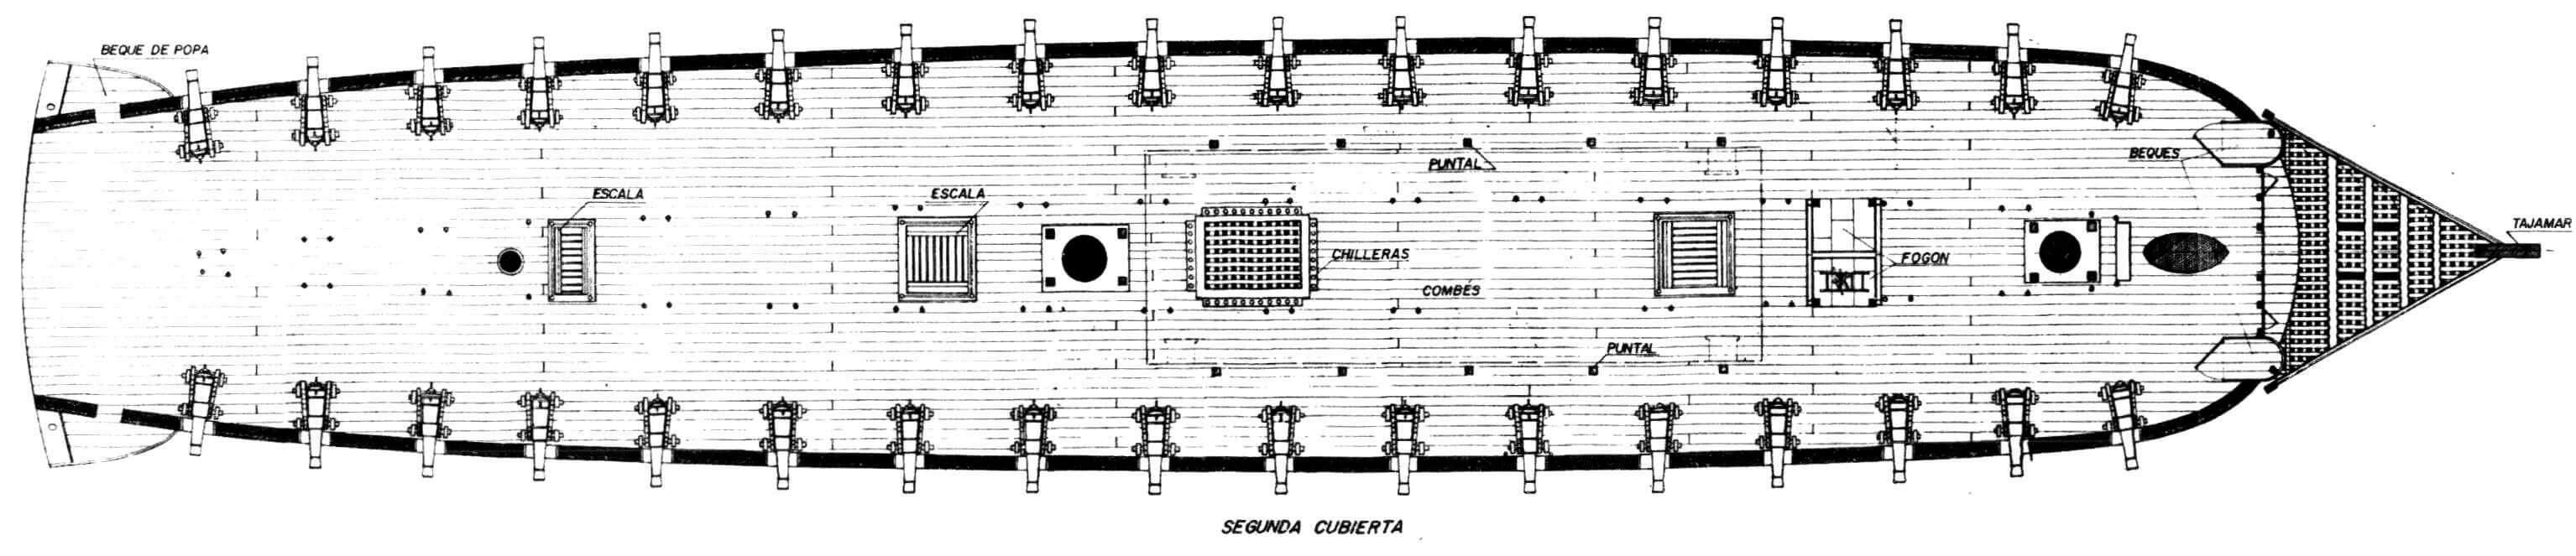 План верхнего артиллерийского дека (с размещением артиллерии)